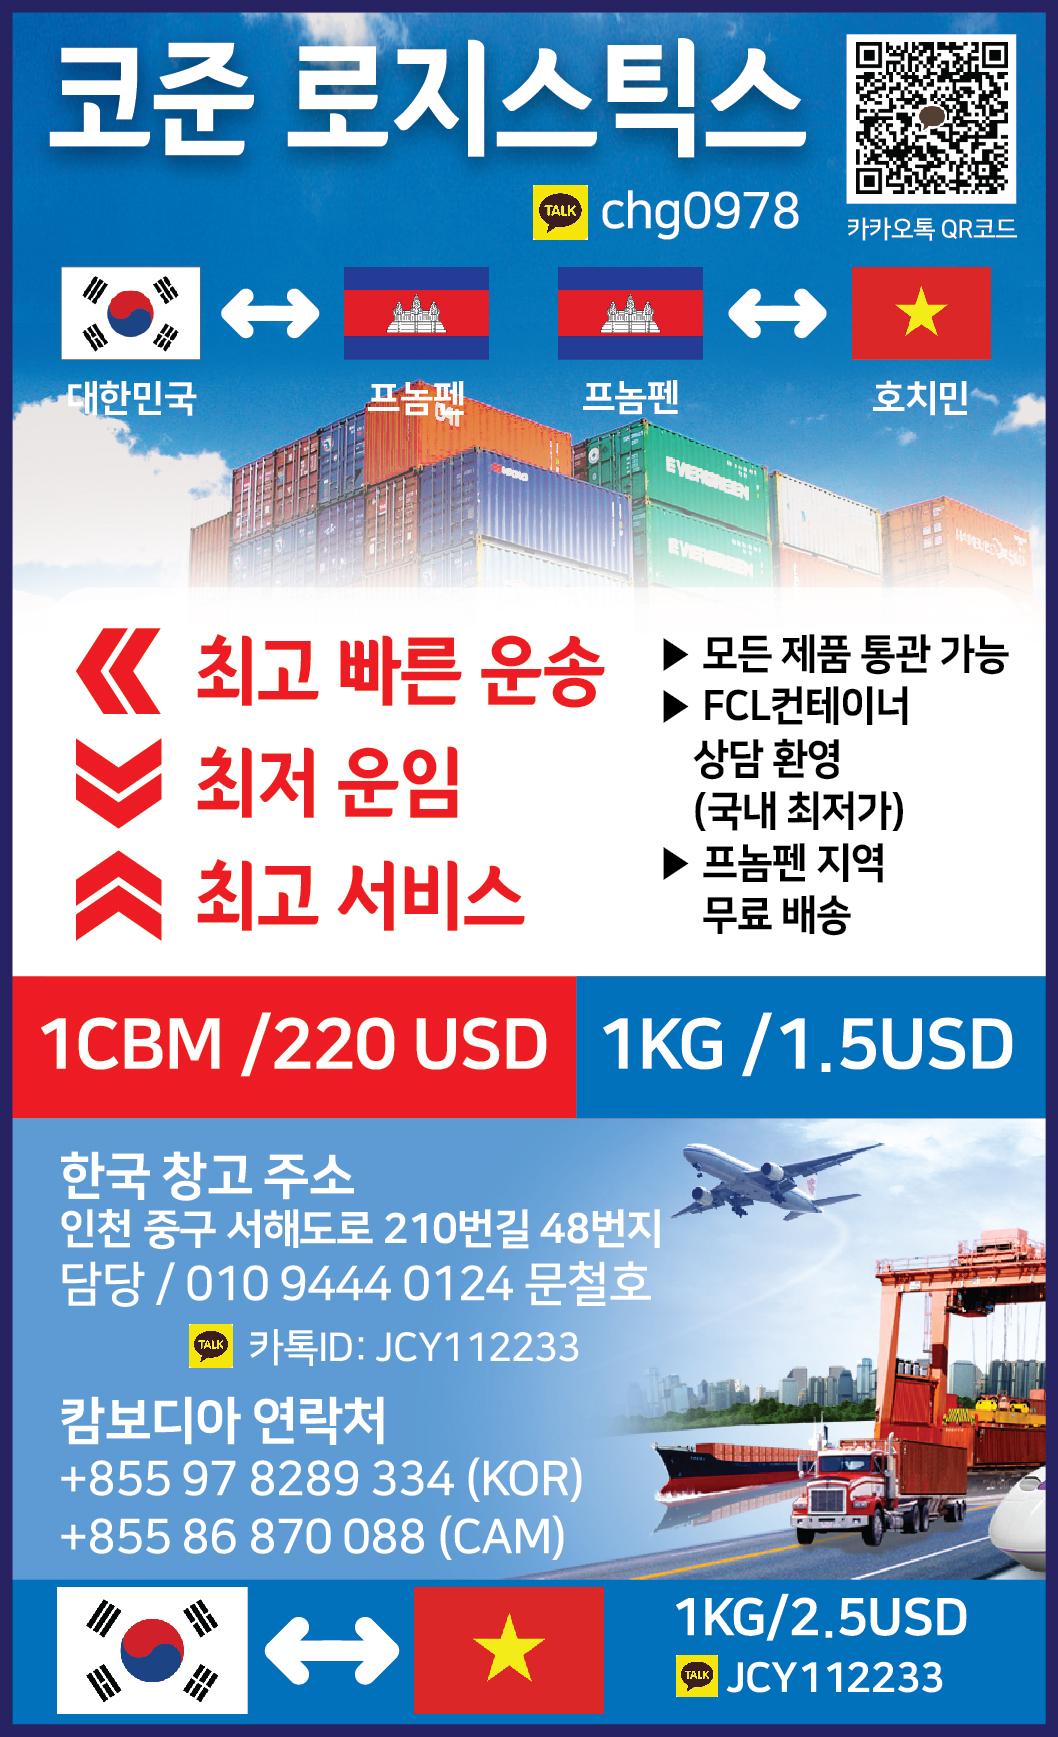 KOJUN Logistics 0401-01